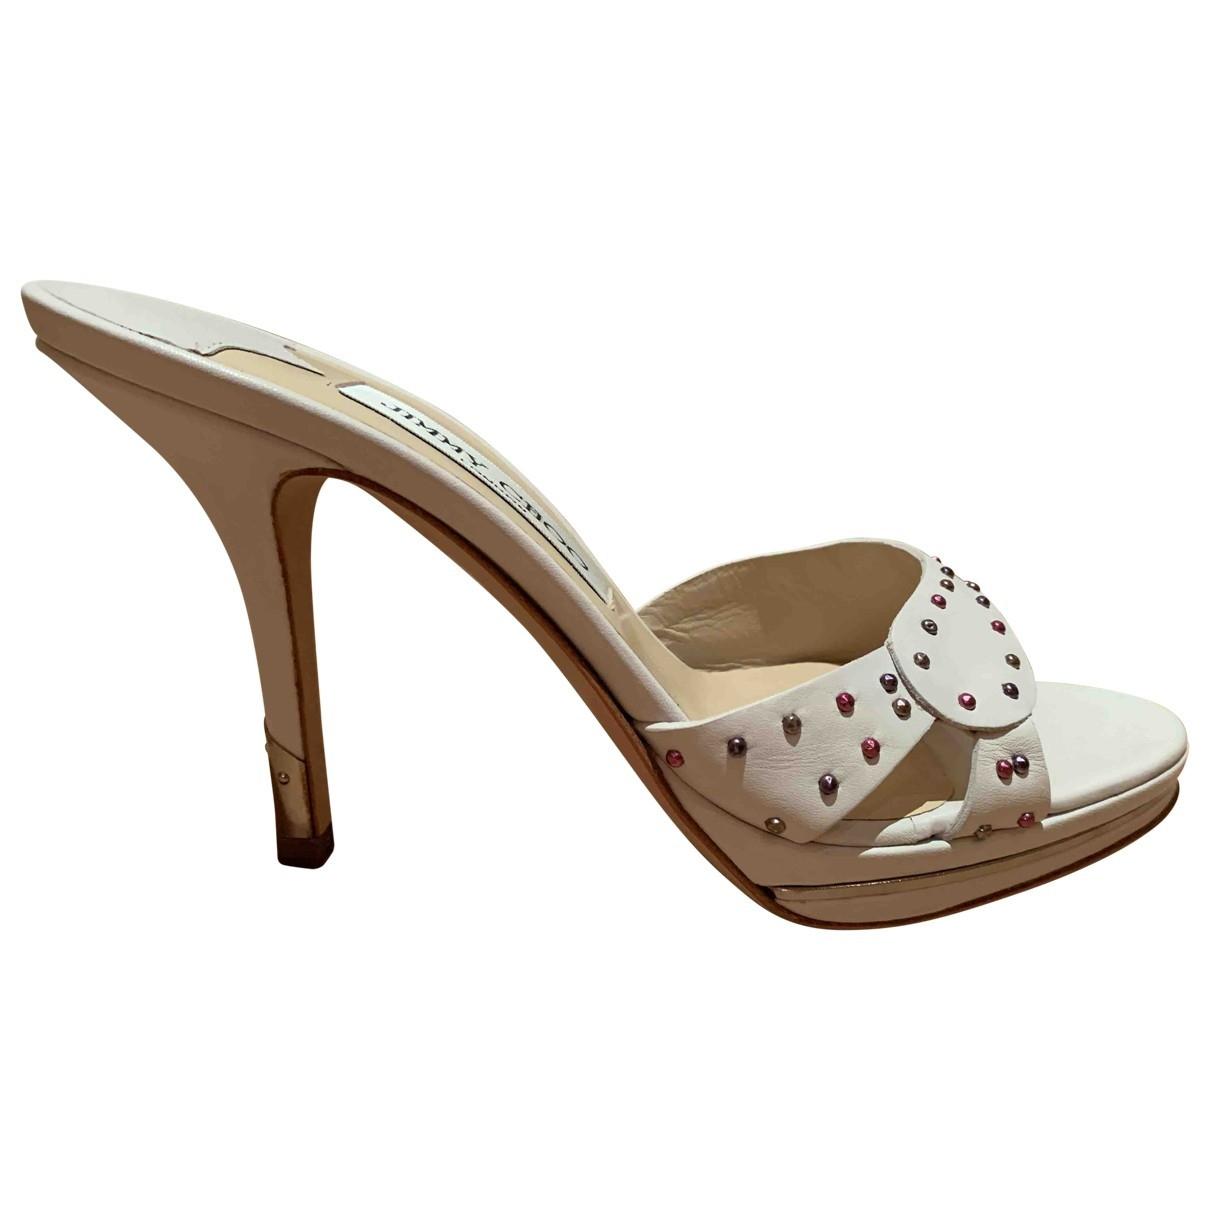 Jimmy Choo \N White Leather Sandals for Women 36.5 EU